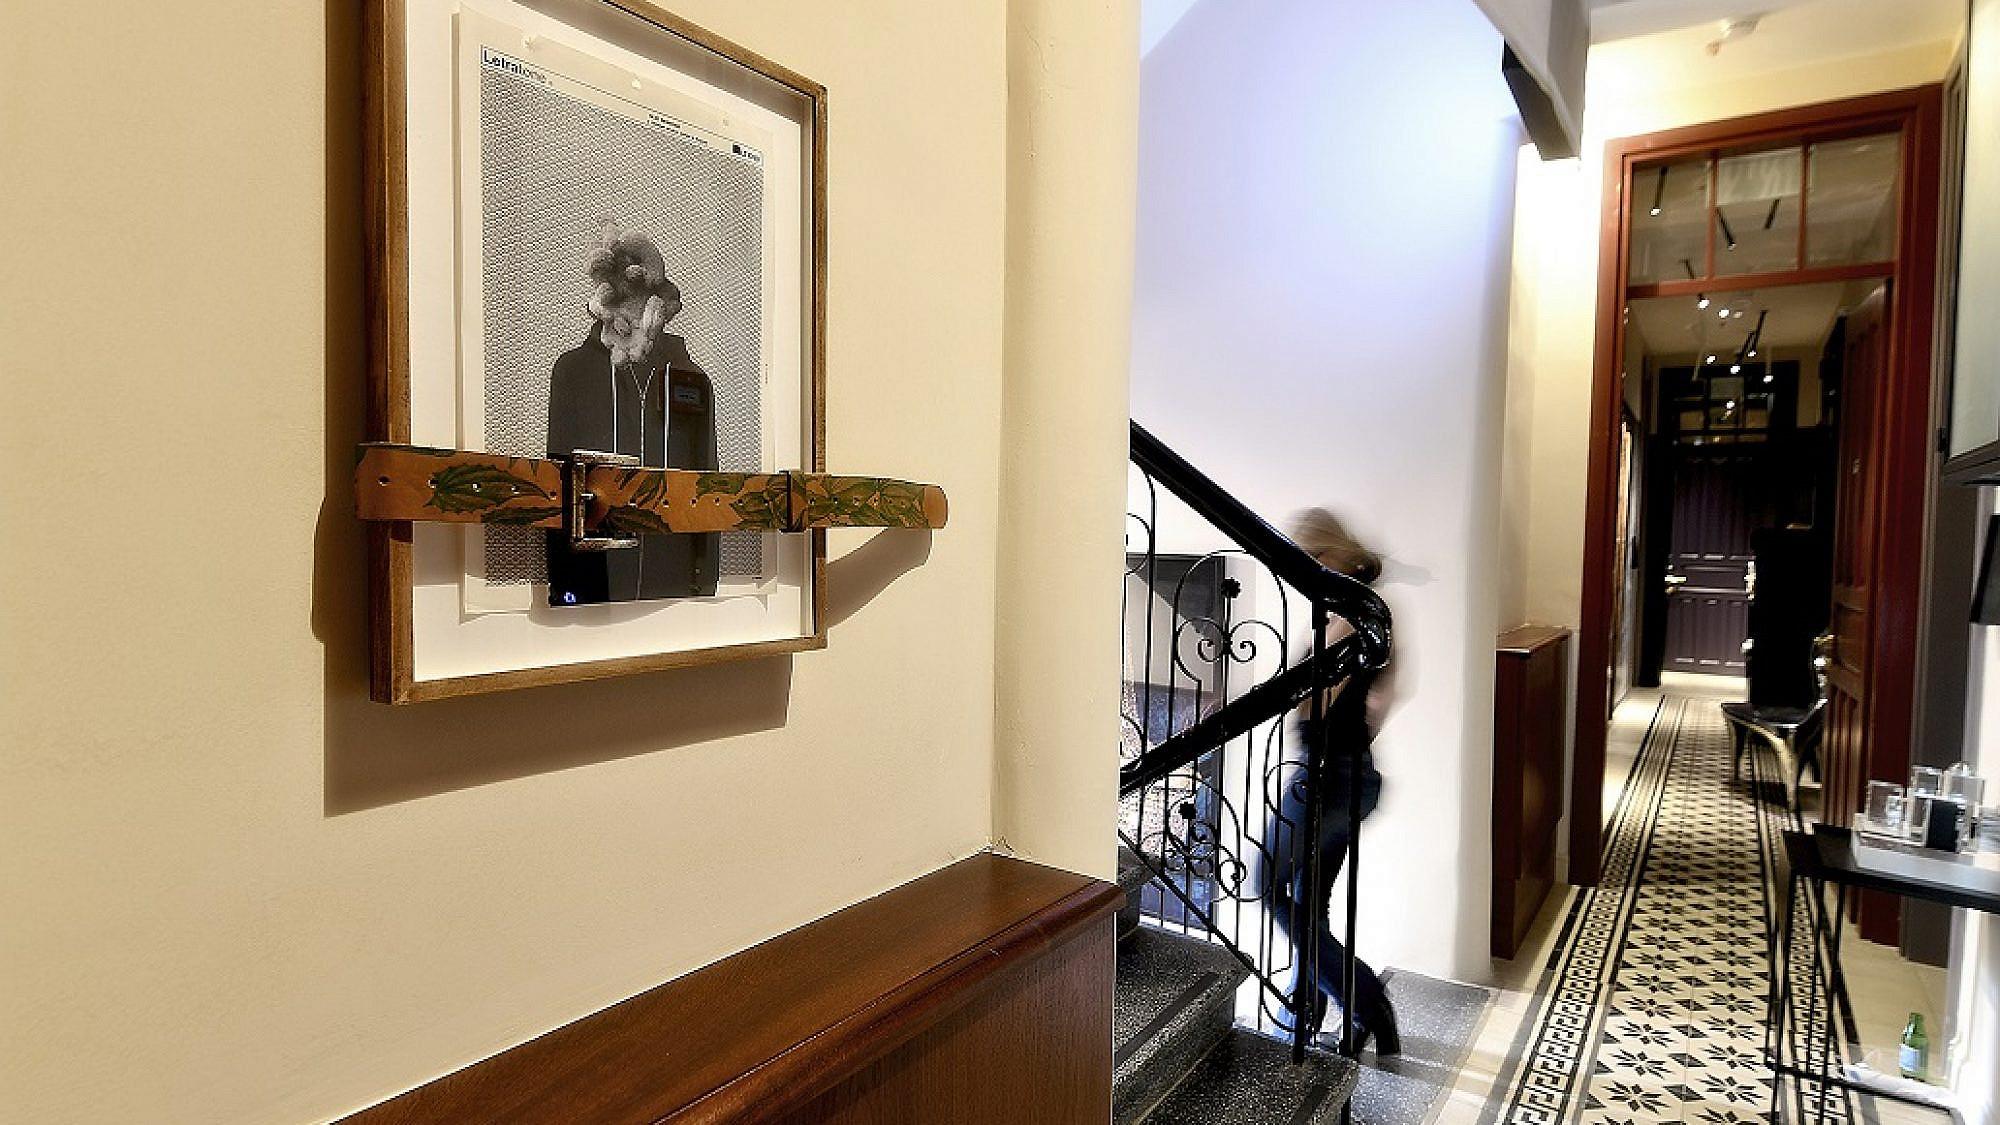 מלון אסמבלאז' | צילום רן בירן, על עבודת האמנות: מיטל כץ